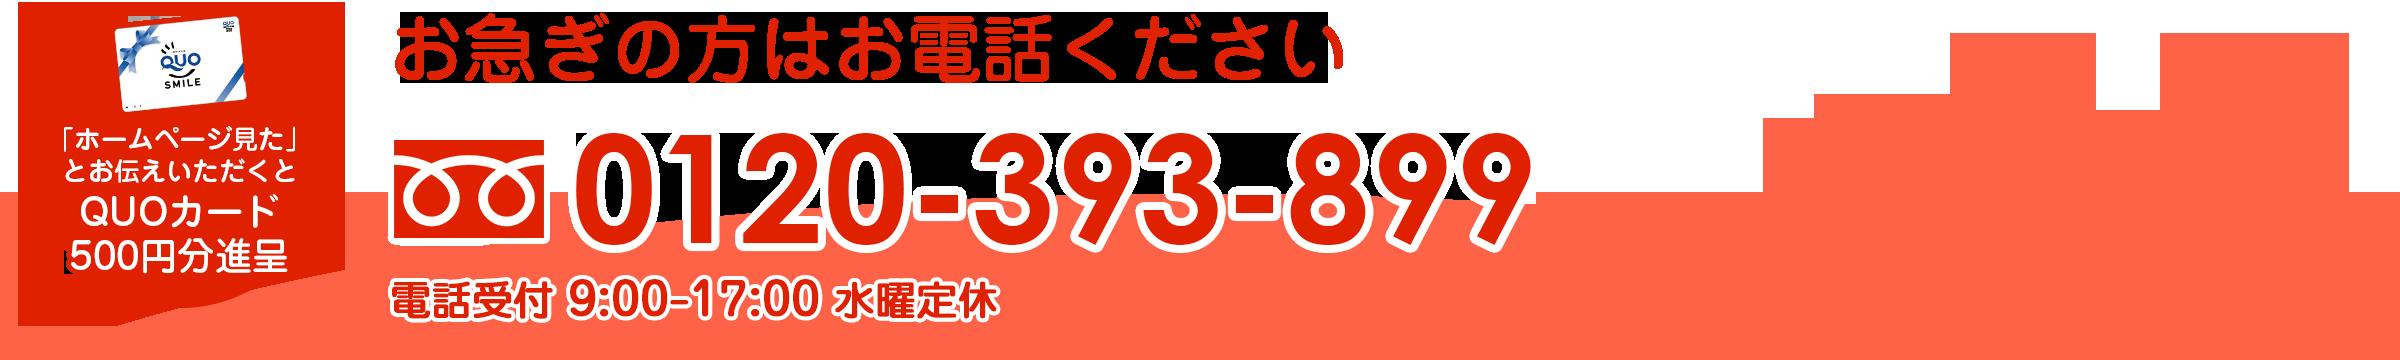 小田原のエコキュート・給湯器の交換取付お急ぎの方はお電話ください!